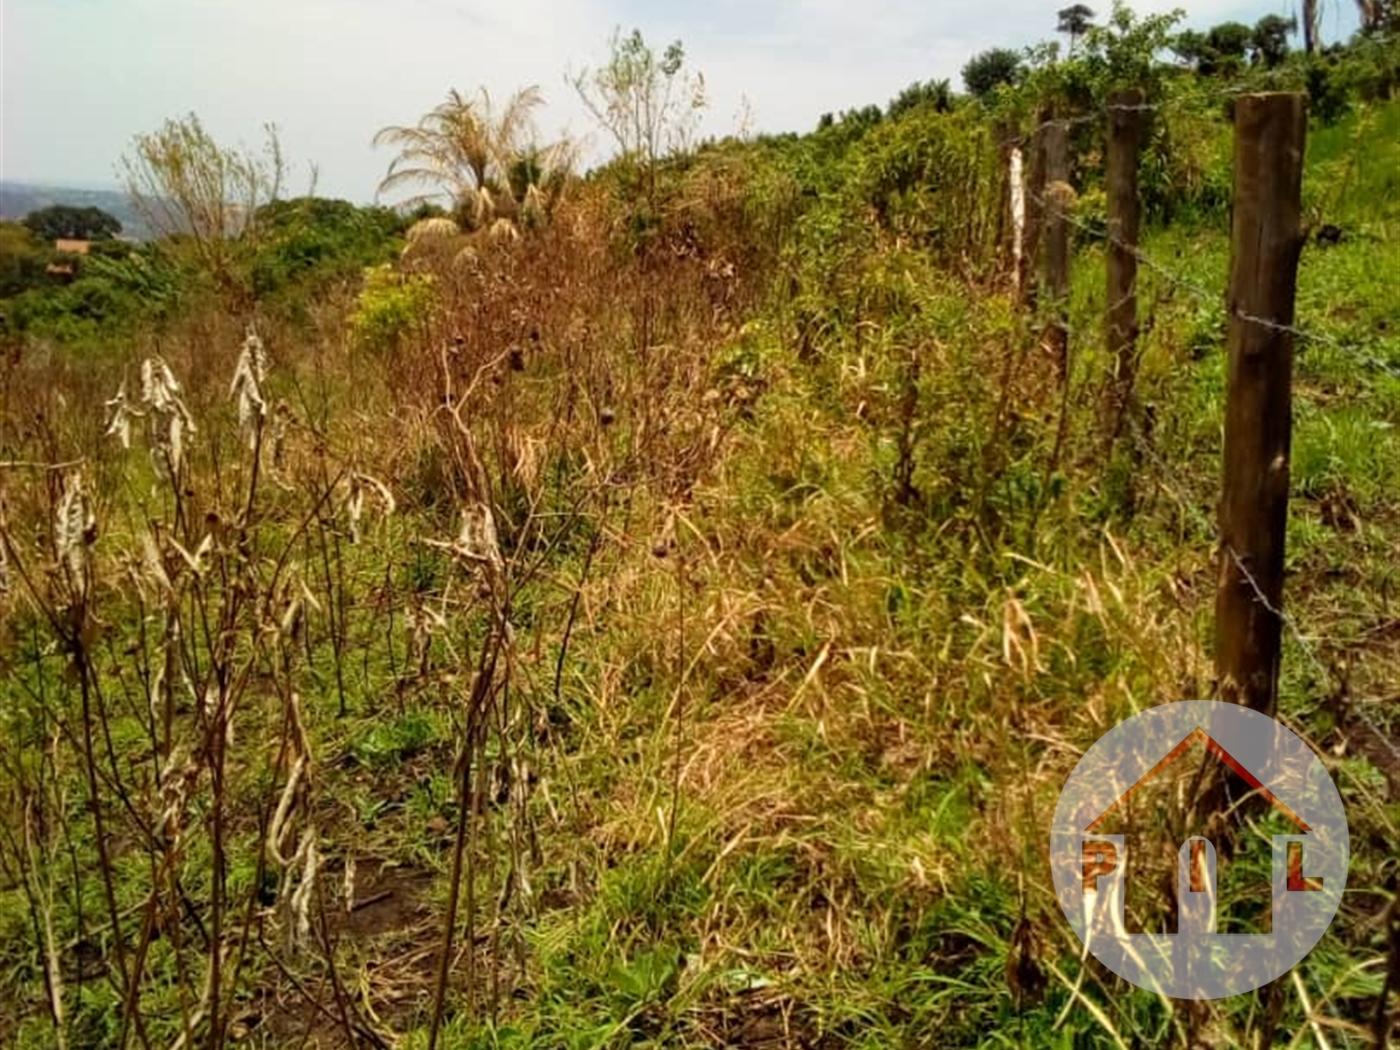 Multi Purpose Land for sale in Bwebajja Wakiso